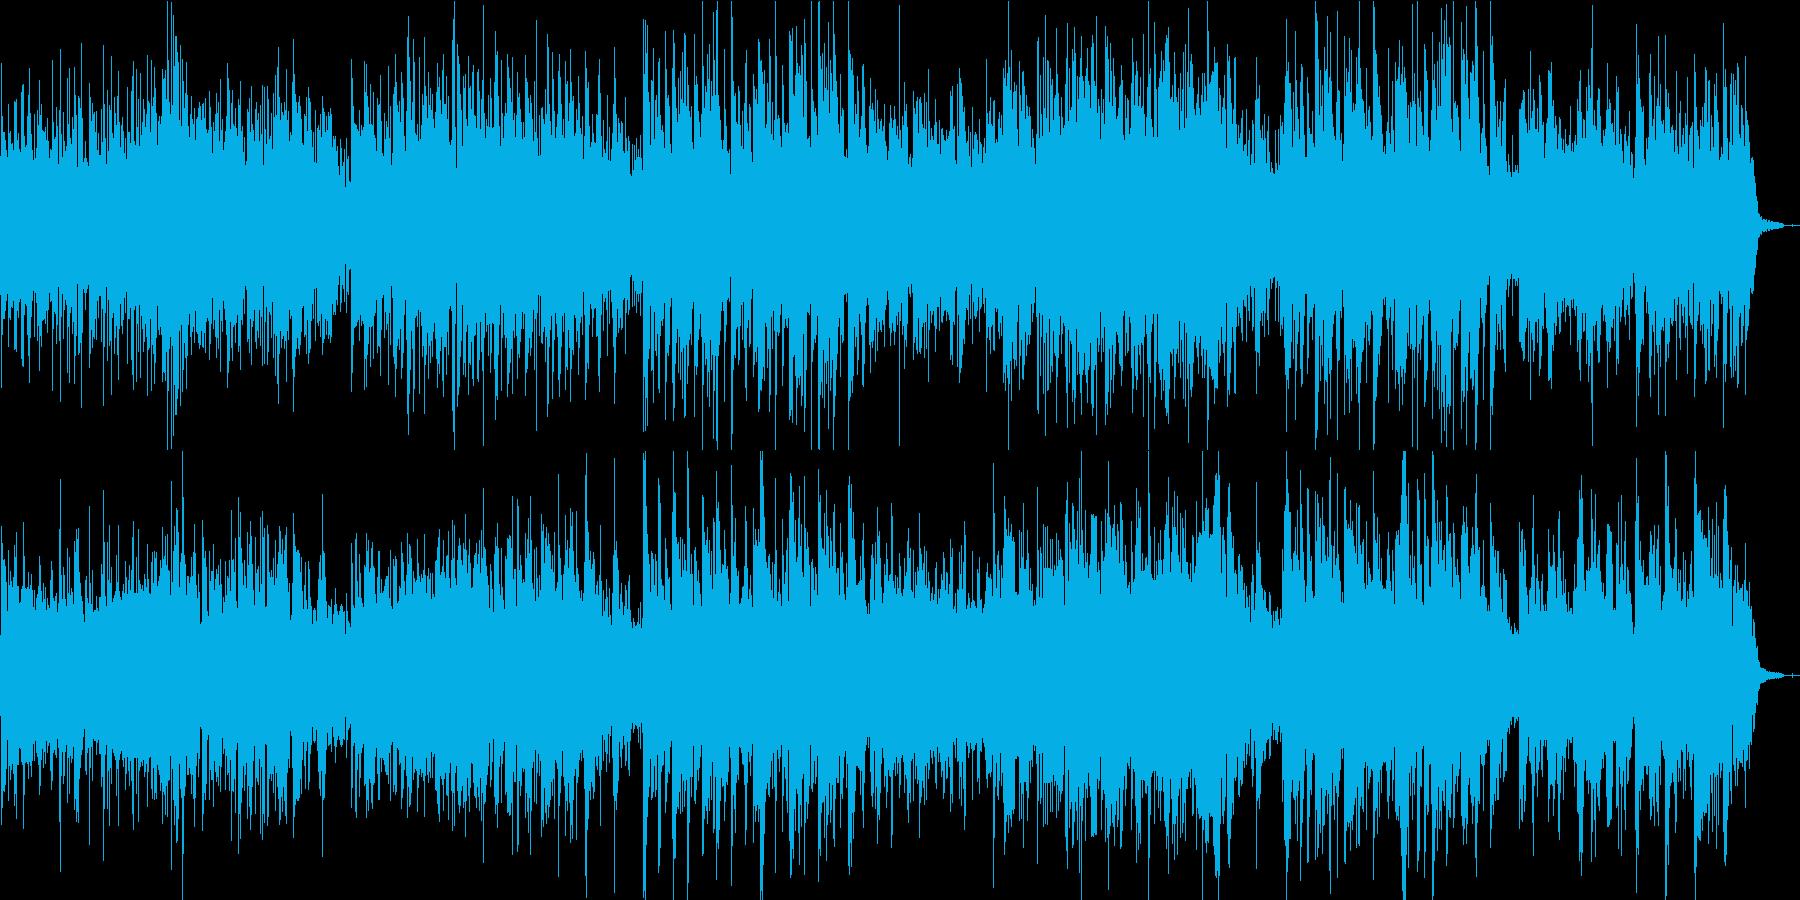 ゆるやかな雰囲気のボサノバ風BGMの再生済みの波形